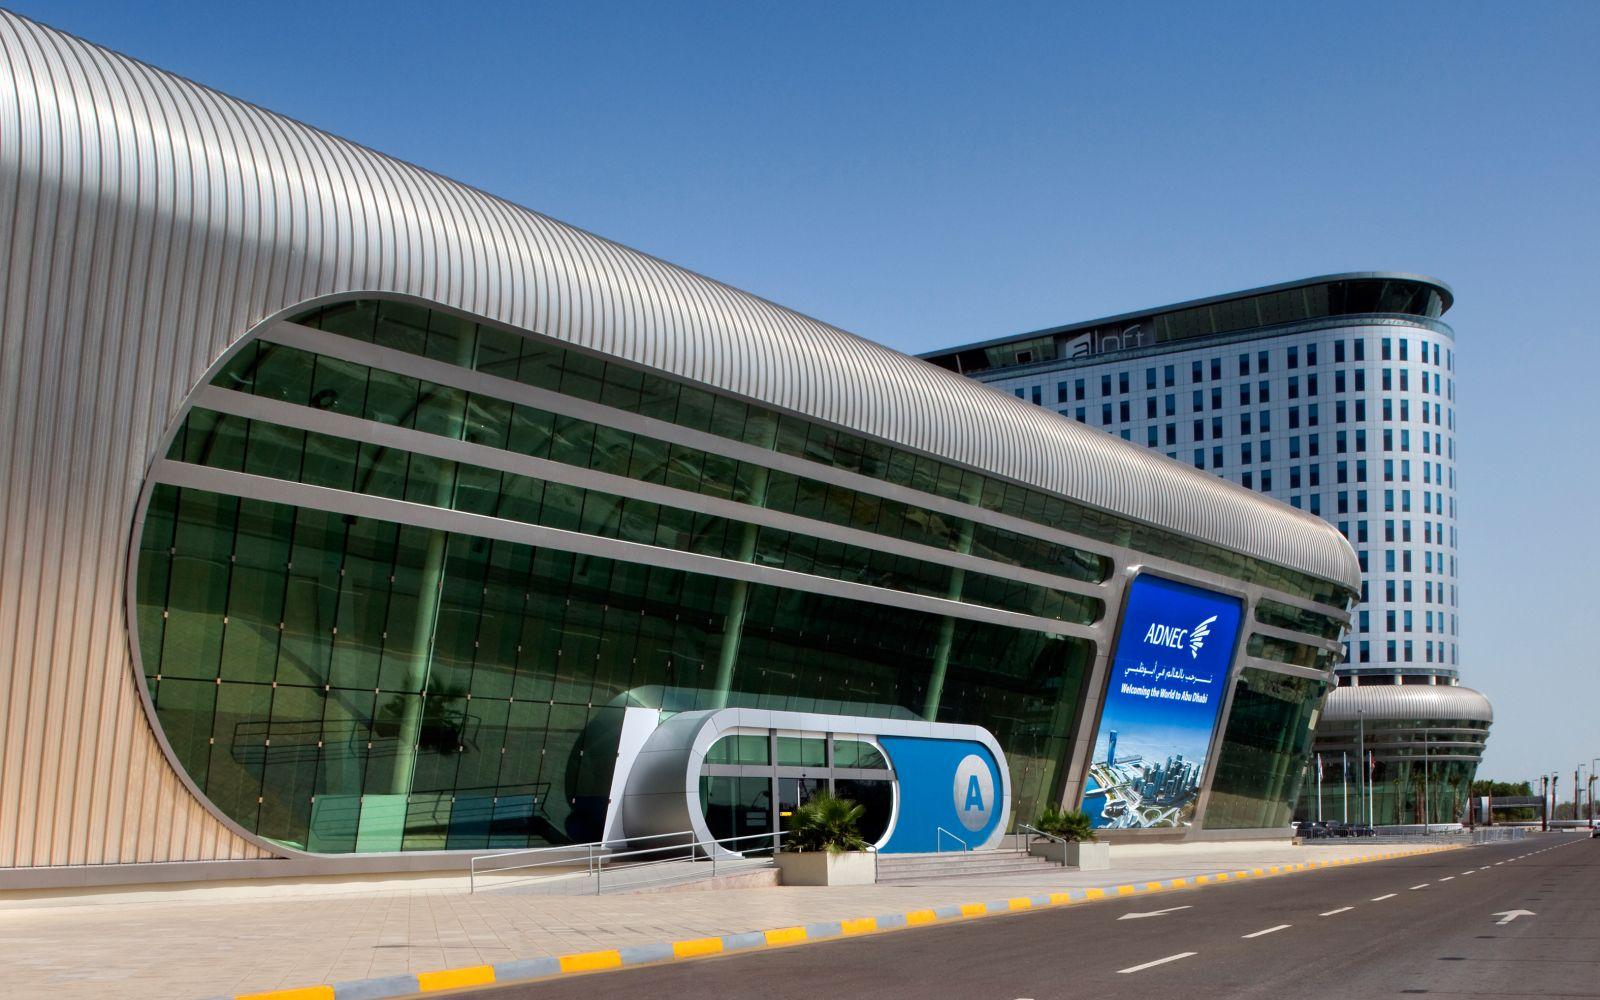 Trung Tâm Triển Lãm Quốc Gia Abu Dhabi - ADNEC - Giai đoạn 2